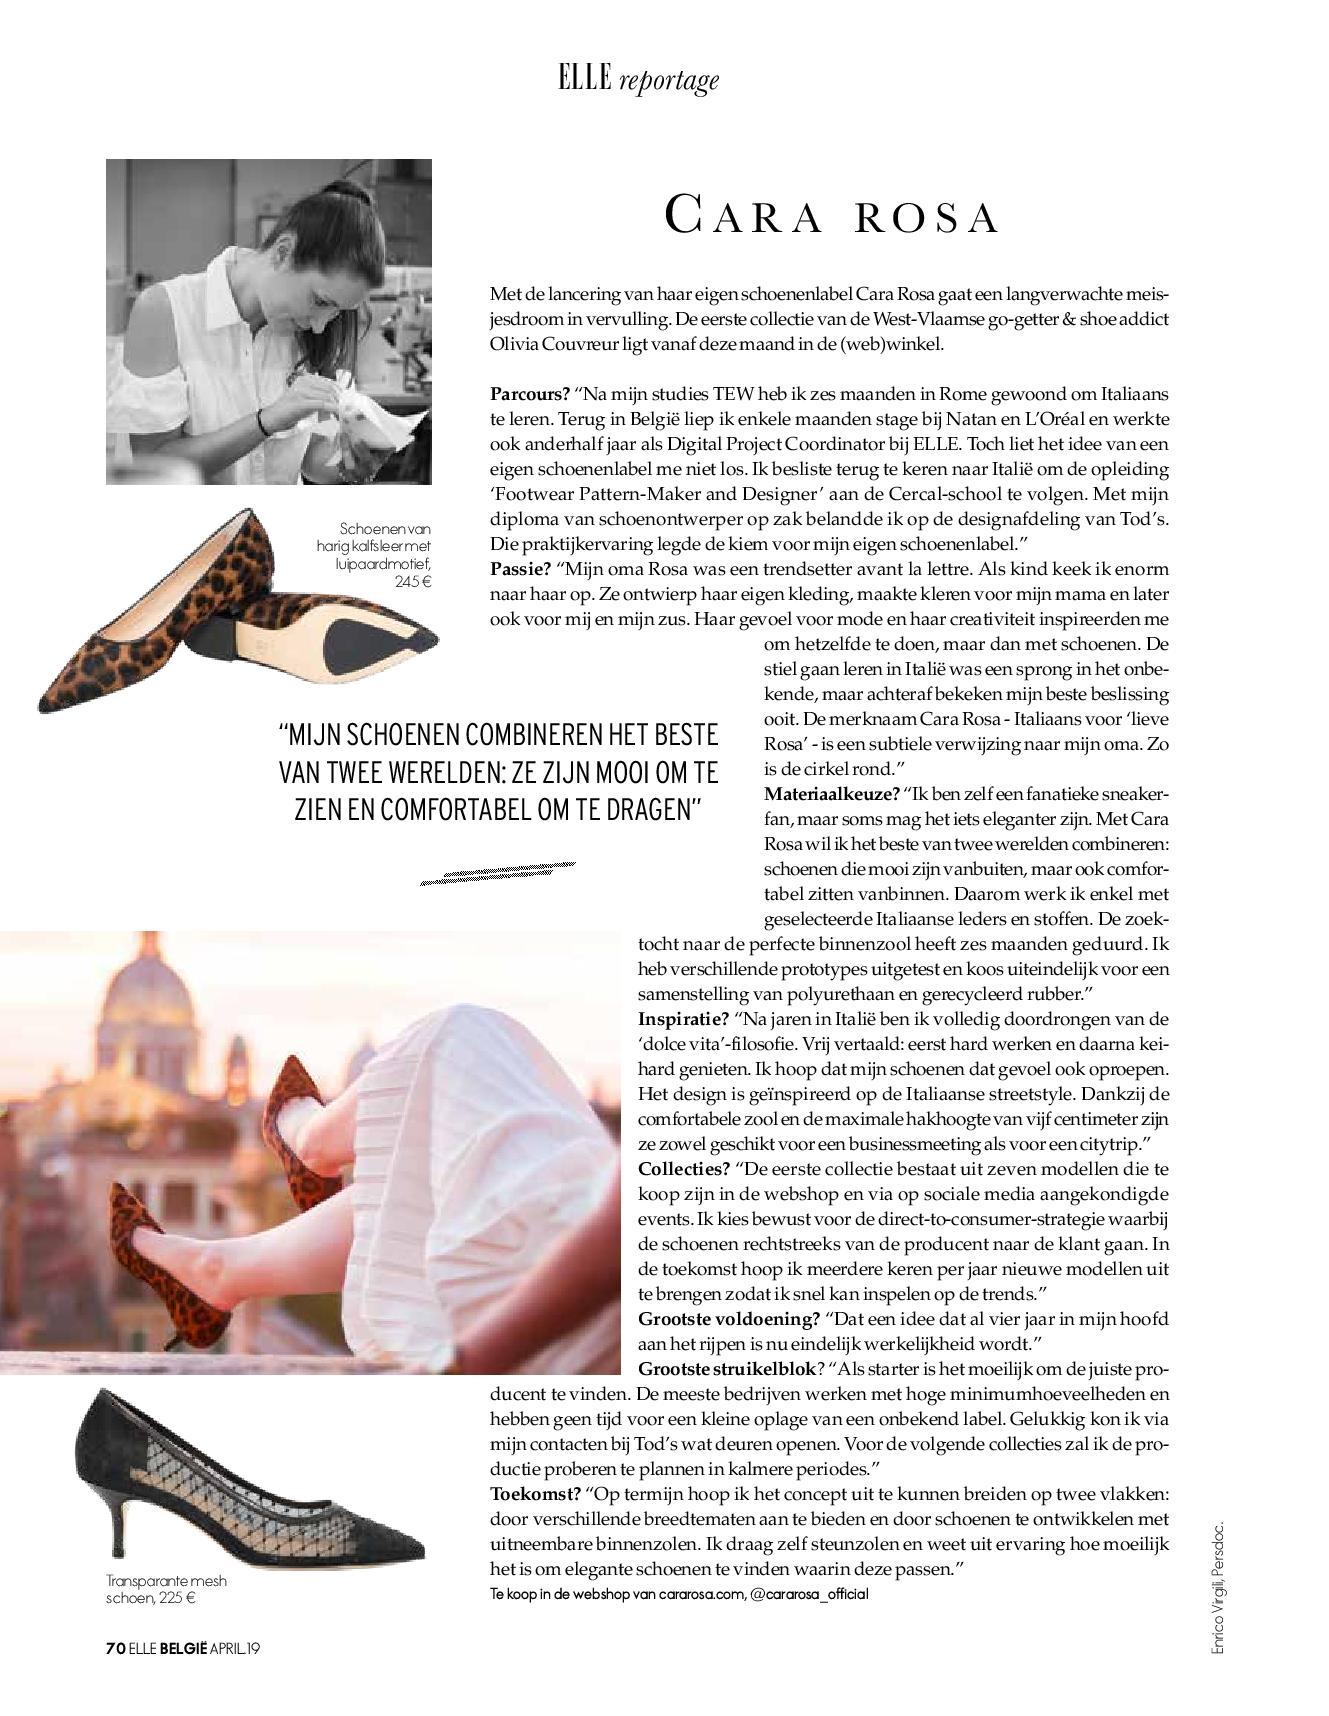 Cara Rosa handmade in Belgium